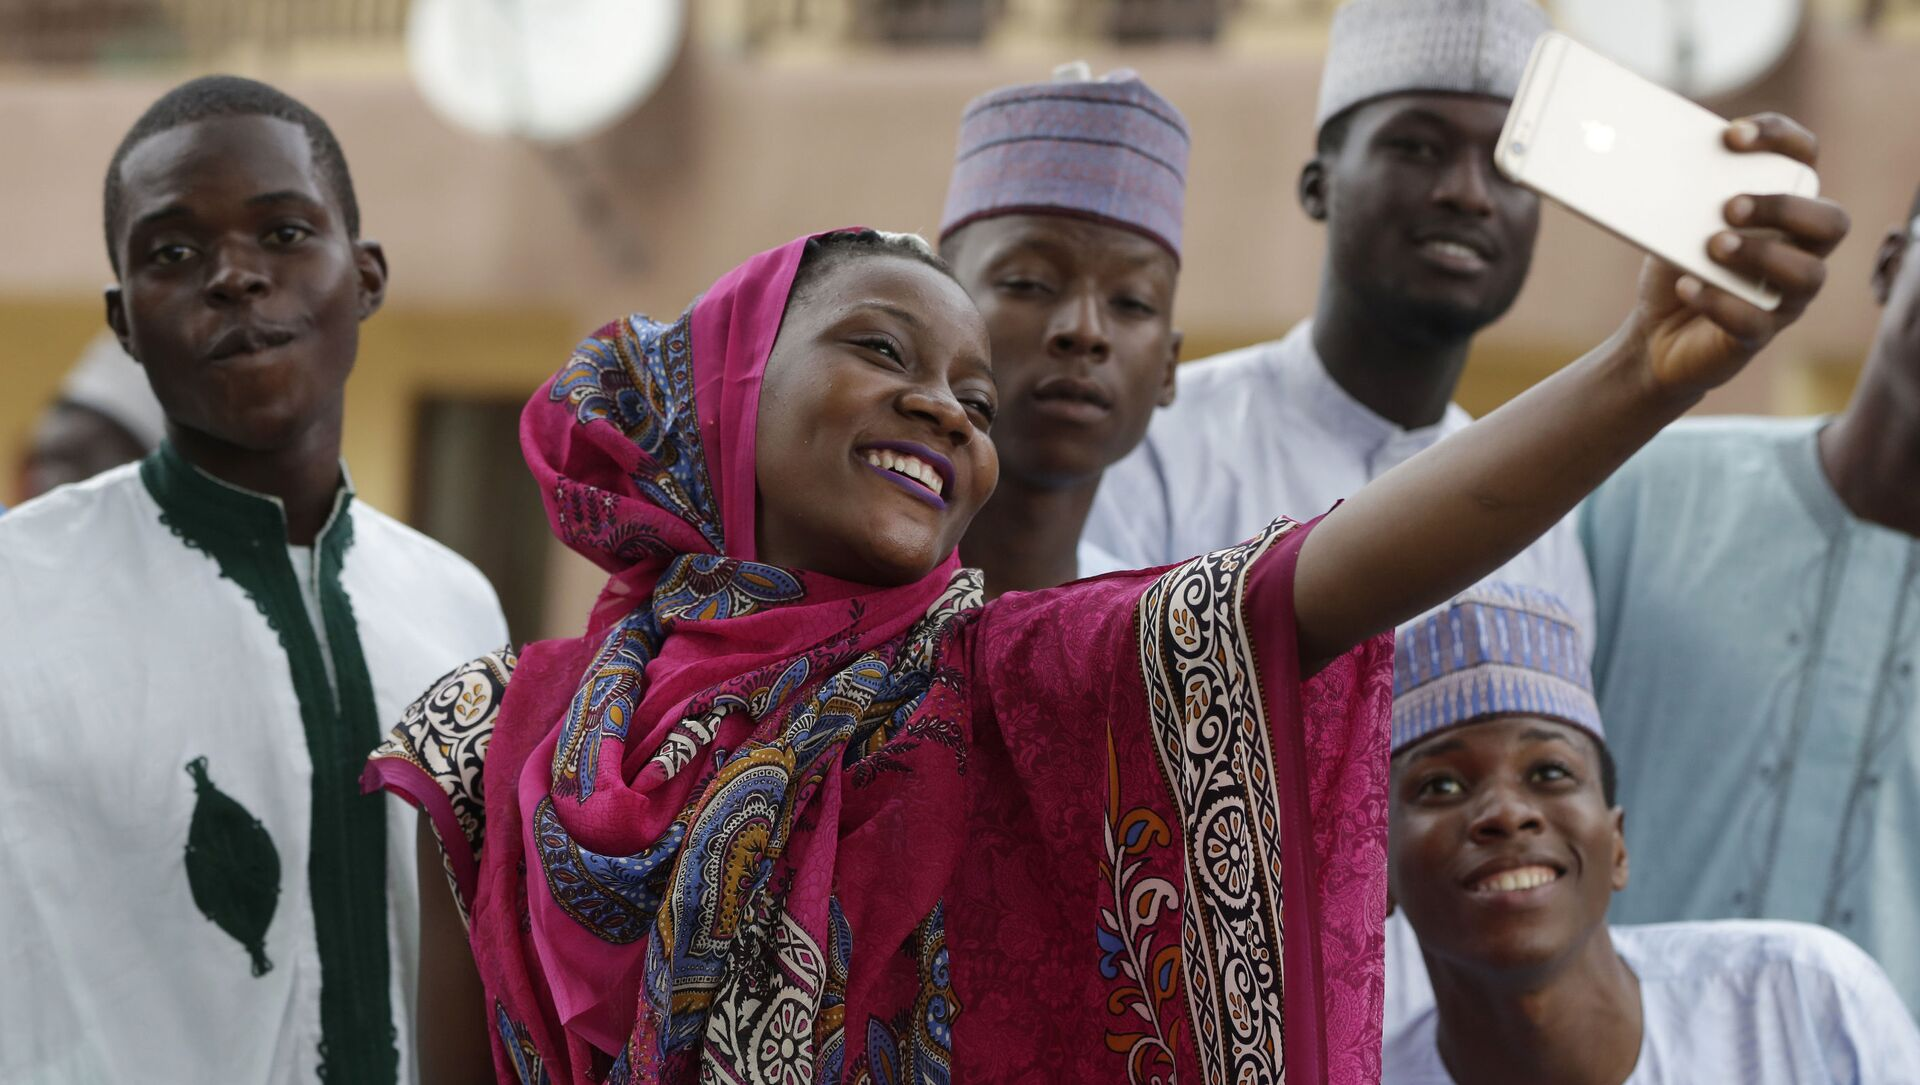 Dziewczyna robi selfie z przyjaciółmi podczas święta Kurban Bajram, Nigeria - Sputnik Polska, 1920, 18.02.2021